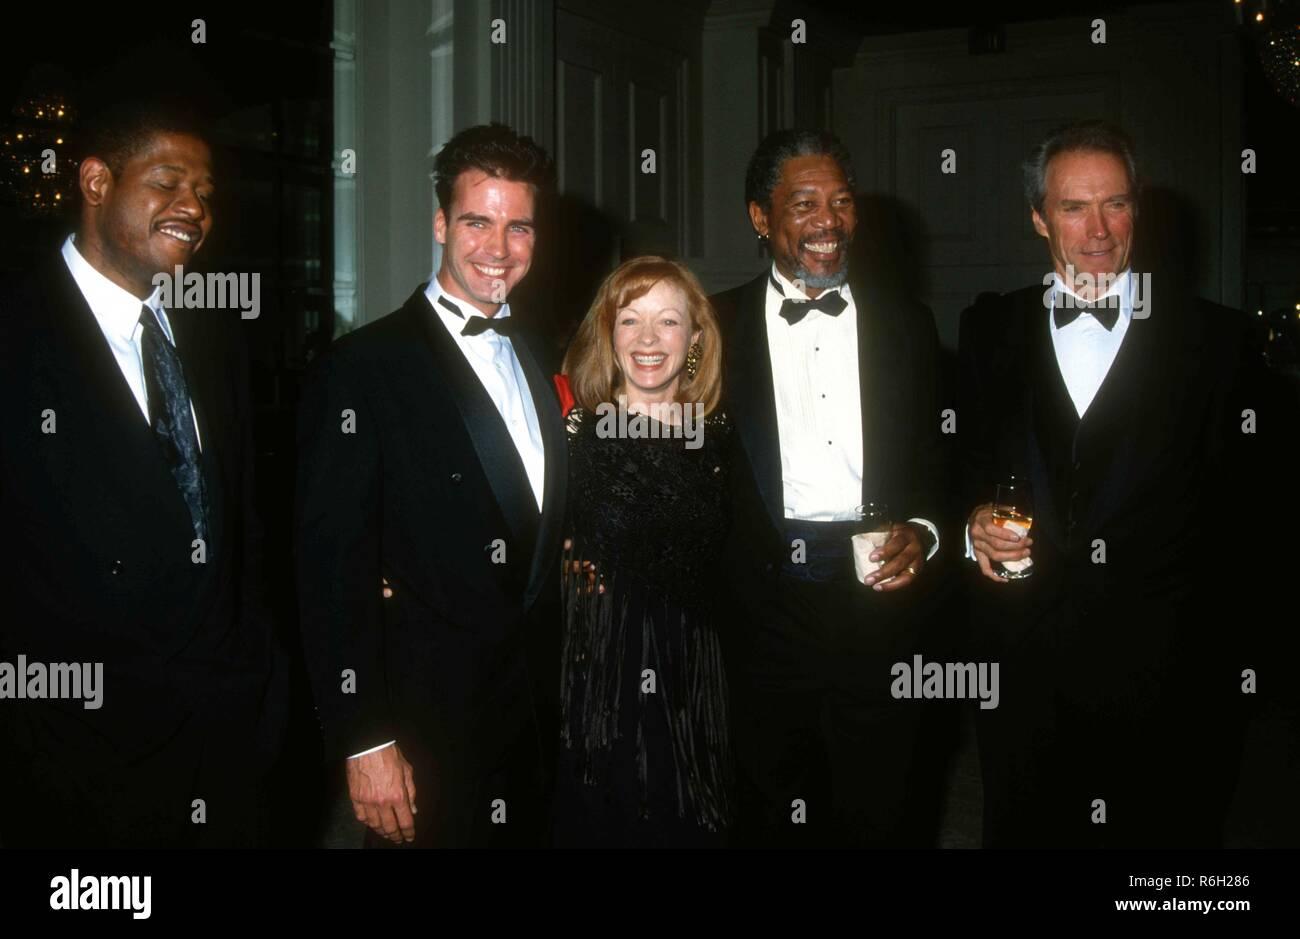 ¿Cuánto mide Clint Eastwood? - Altura - Real height - Página 2 Beverly-hills-ca-26-de-marzo-el-actor-forest-whitaker-el-actor-jeff-fahey-la-actriz-frances-fisher-el-actor-morgan-freeman-y-el-actordirector-clint-eastwood-asistir-a-ace-eddie-awards-en-marzo-26-1993-en-el-beverly-hilton-hotel-de-beverly-hills-california-foto-por-barry-kingalamy-stock-photo-r6h286